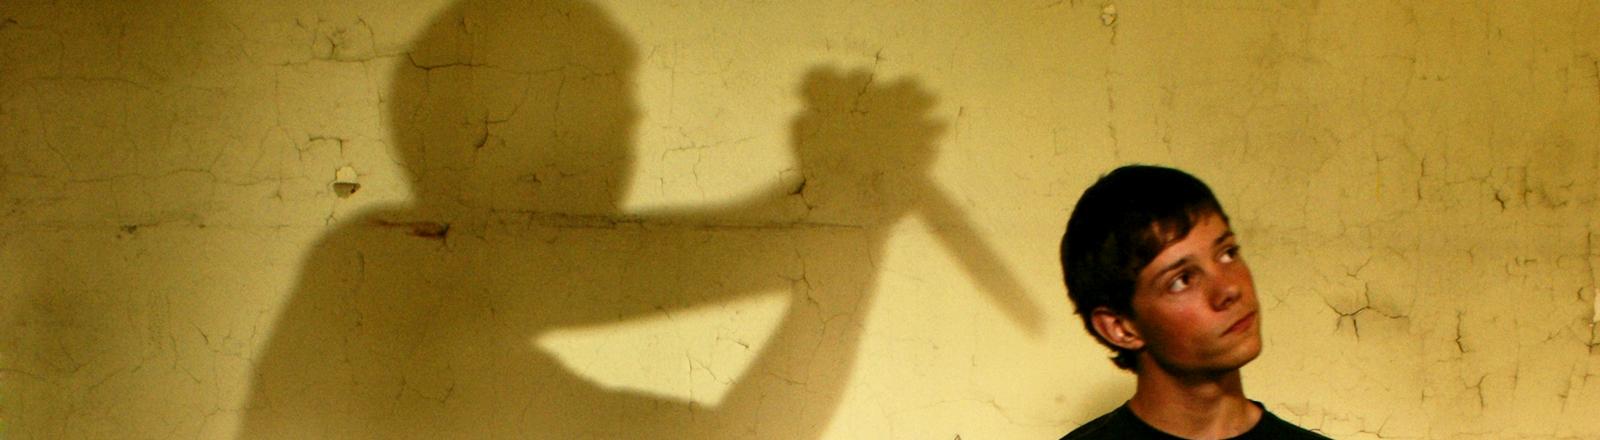 Im Vordergrund schaut ein Junge ahnungslos, hinter ihm: ein Schatten mit einem Messer.